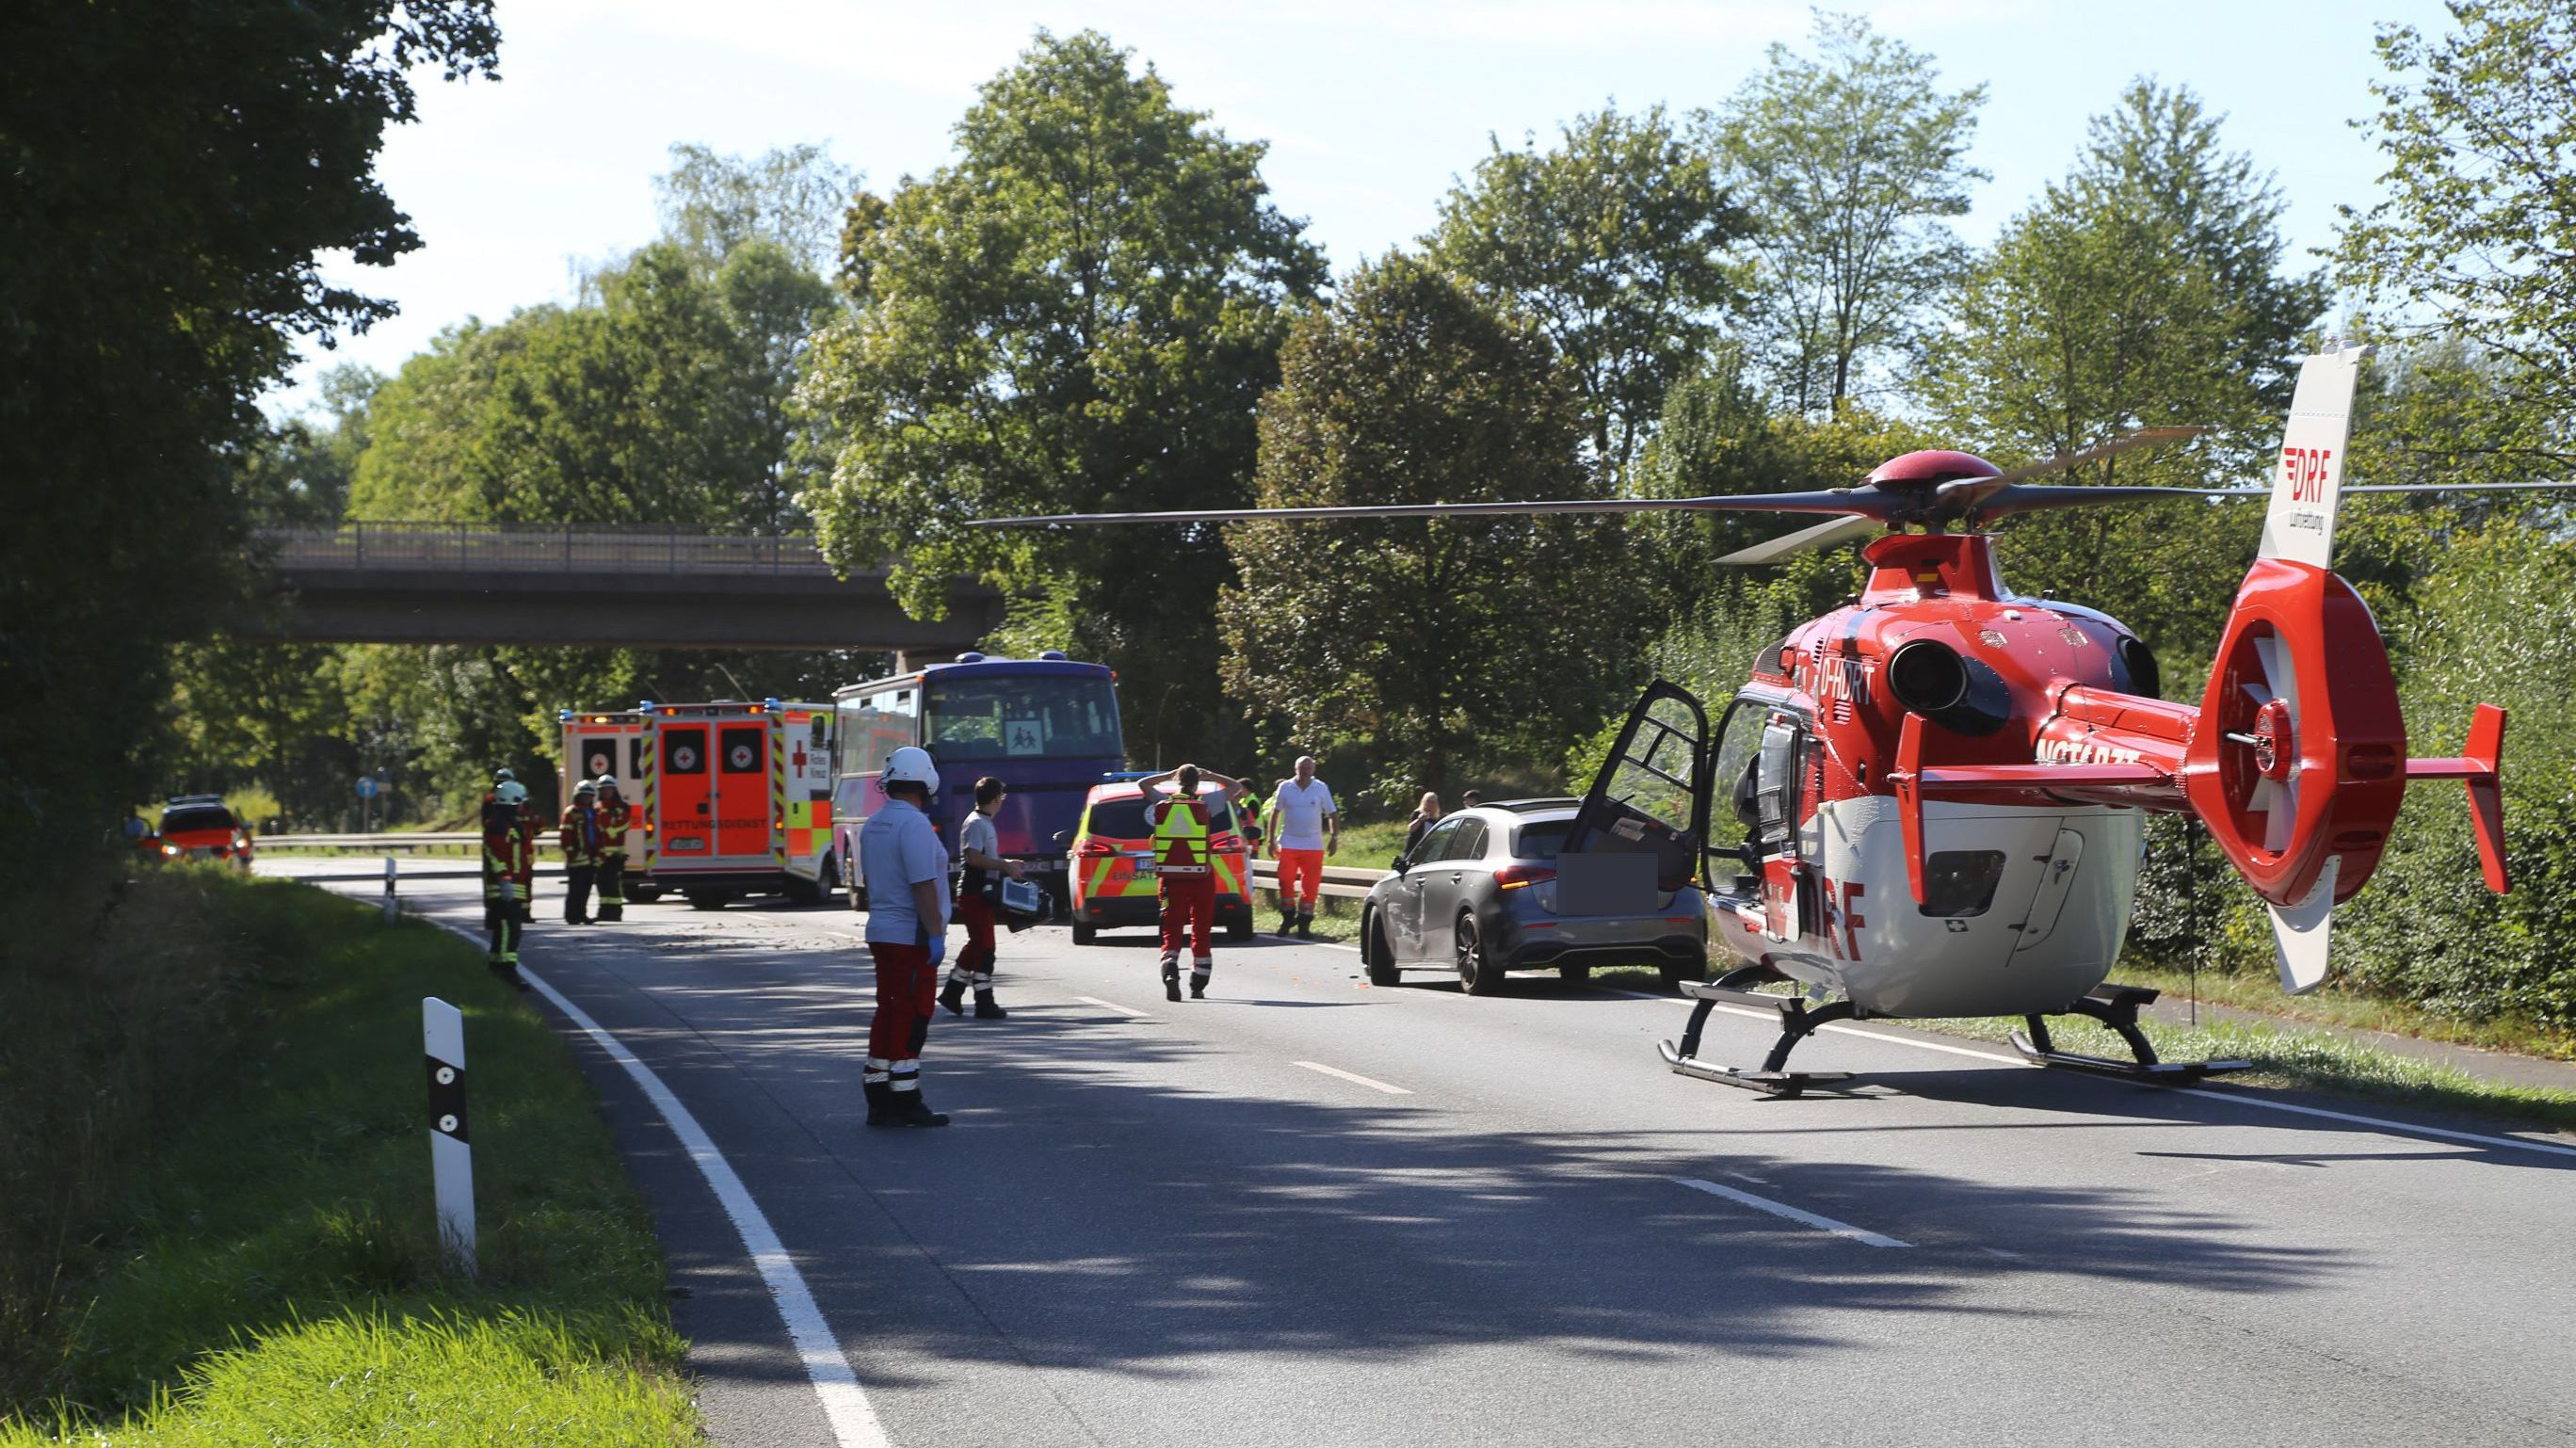 Der Unfall ereignete sich auf der B22 nahe Kemnath. Die Bundesstraße wurde wegen des Rettungshubschraubers für längere Zeit gesperrt.